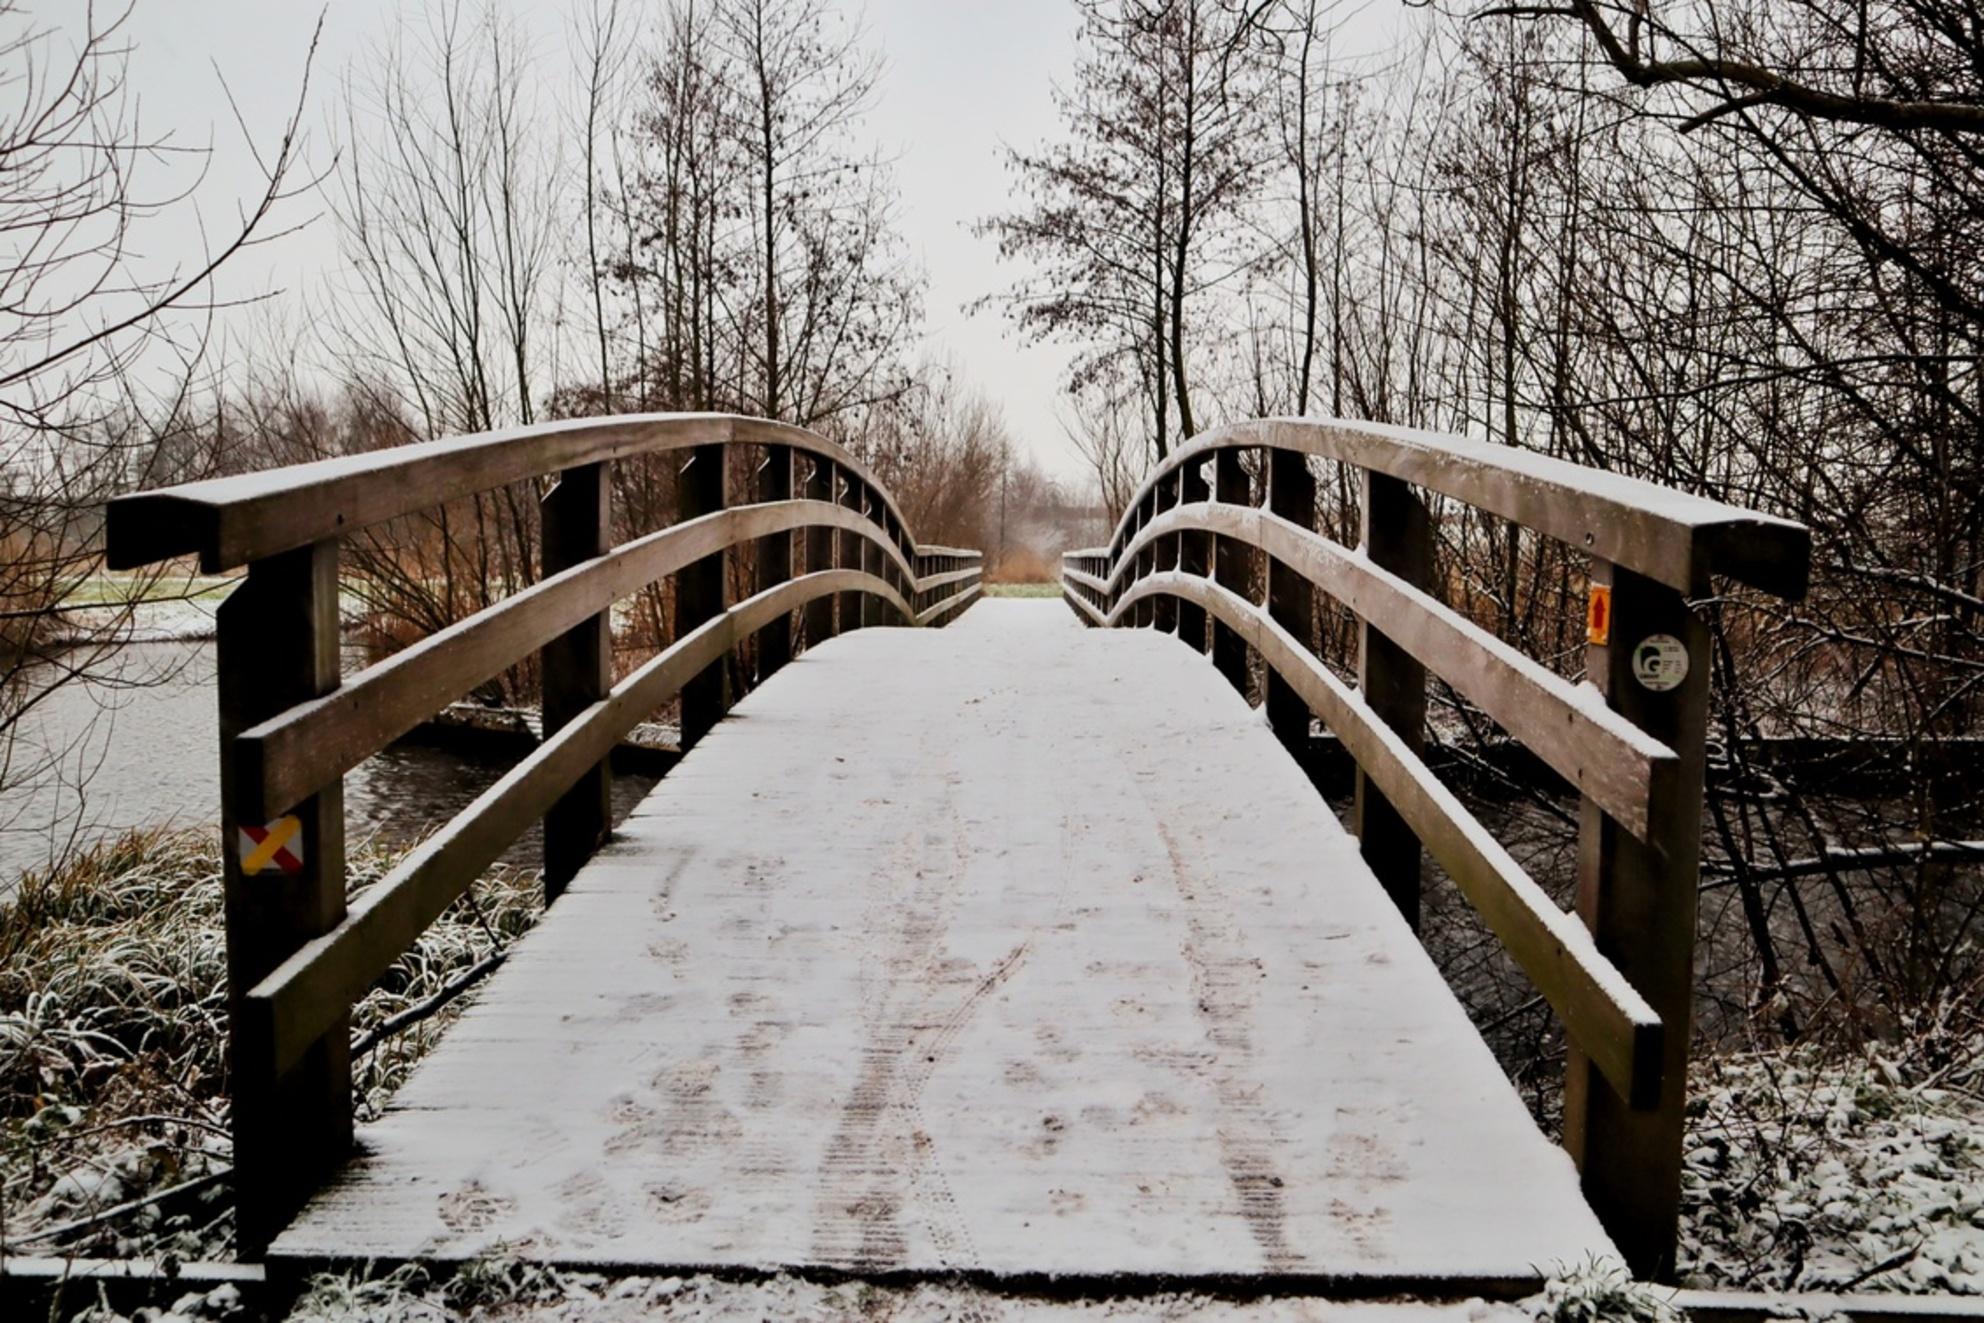 Brug in de sneeuw - - - foto door DeniseClemens op 02-03-2021 - deze foto bevat: boom, natuur, sneeuw, winter, landschap, bos, nederland - Deze foto mag gebruikt worden in een Zoom.nl publicatie